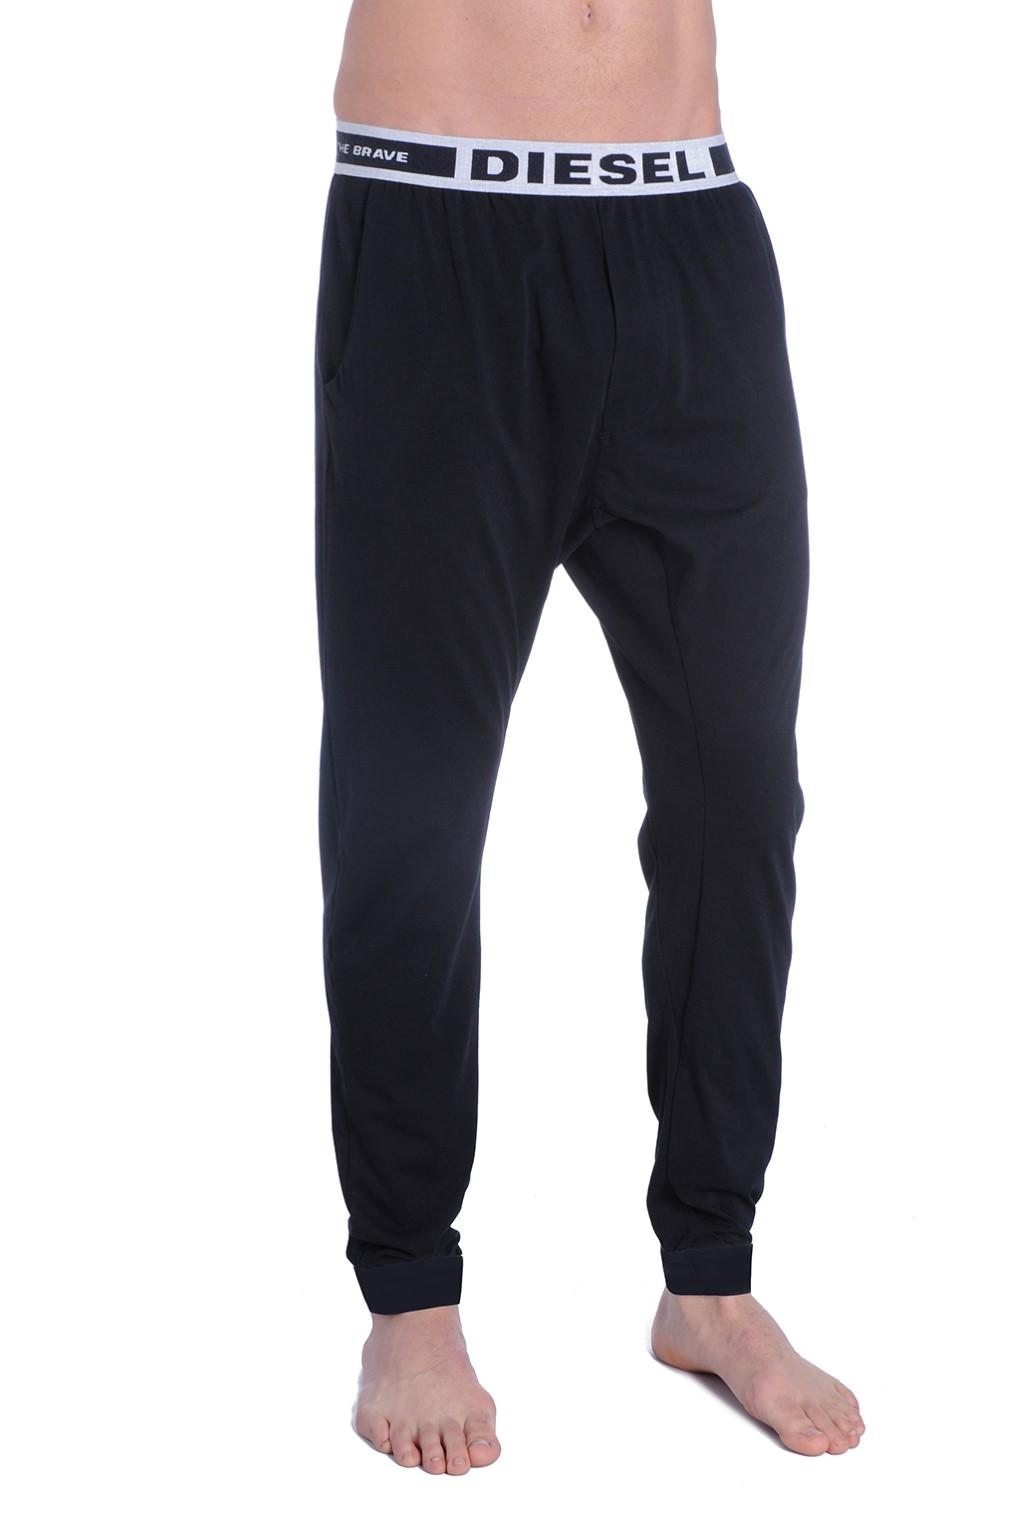 Pánské kalhoty DIESEL SJ3J - 100% bavlna